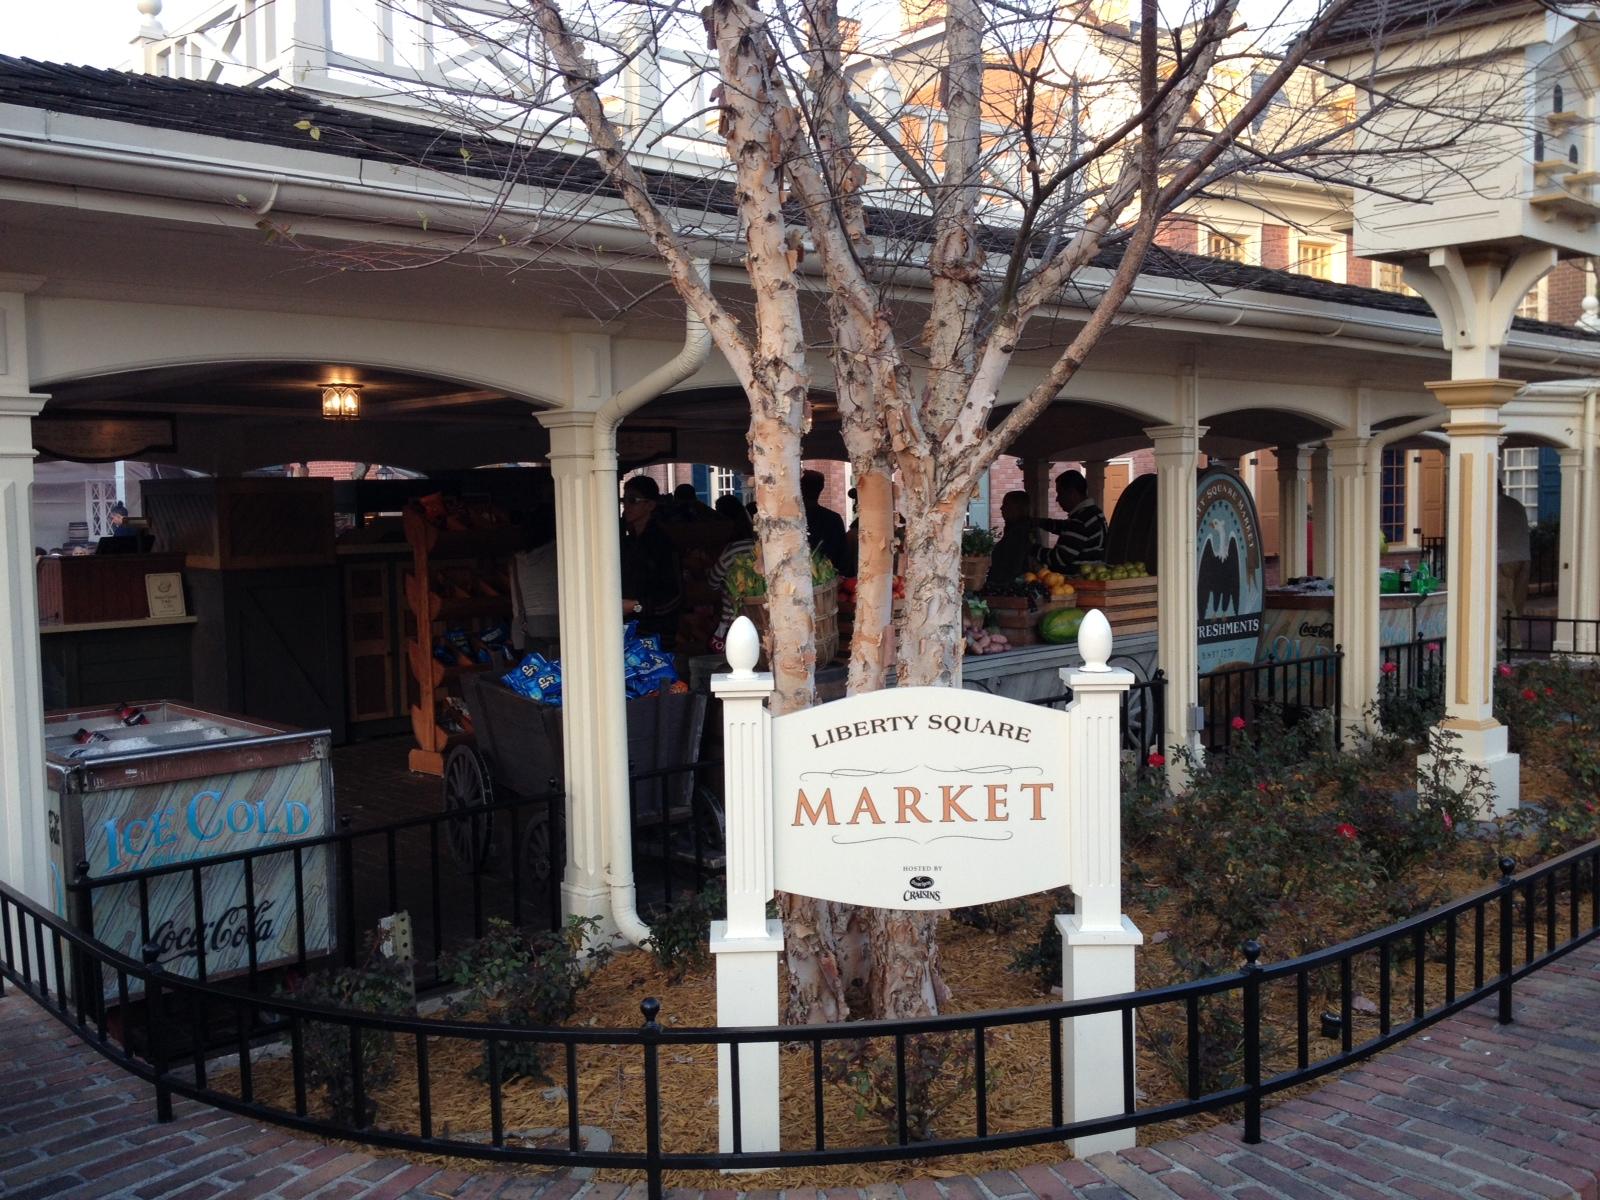 Salient Liberty Tree Tavern Magic Kingdom Restaurants Menus Magic Kingdom Locations Magic Kingdom Plan Restaurants Magic Kingdom Fireworks nice food Magic Kingdom Dining